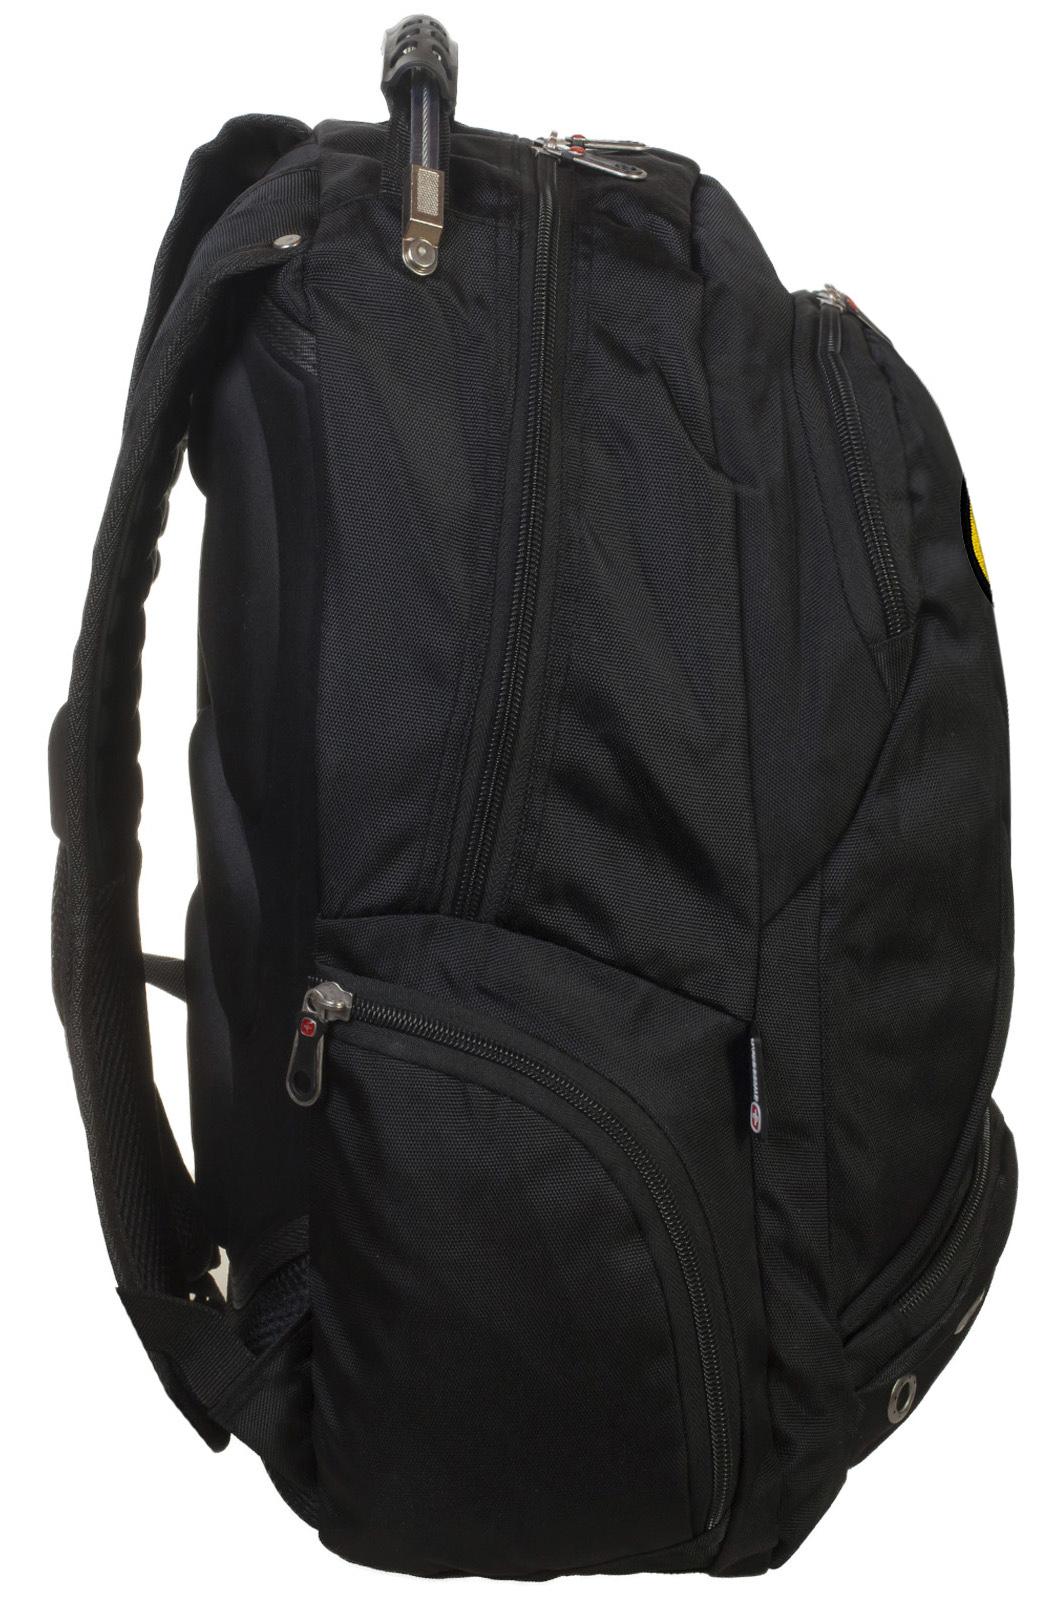 Зачетный рюкзак с оригинальной нашивкой Грибные войска купить в подарок